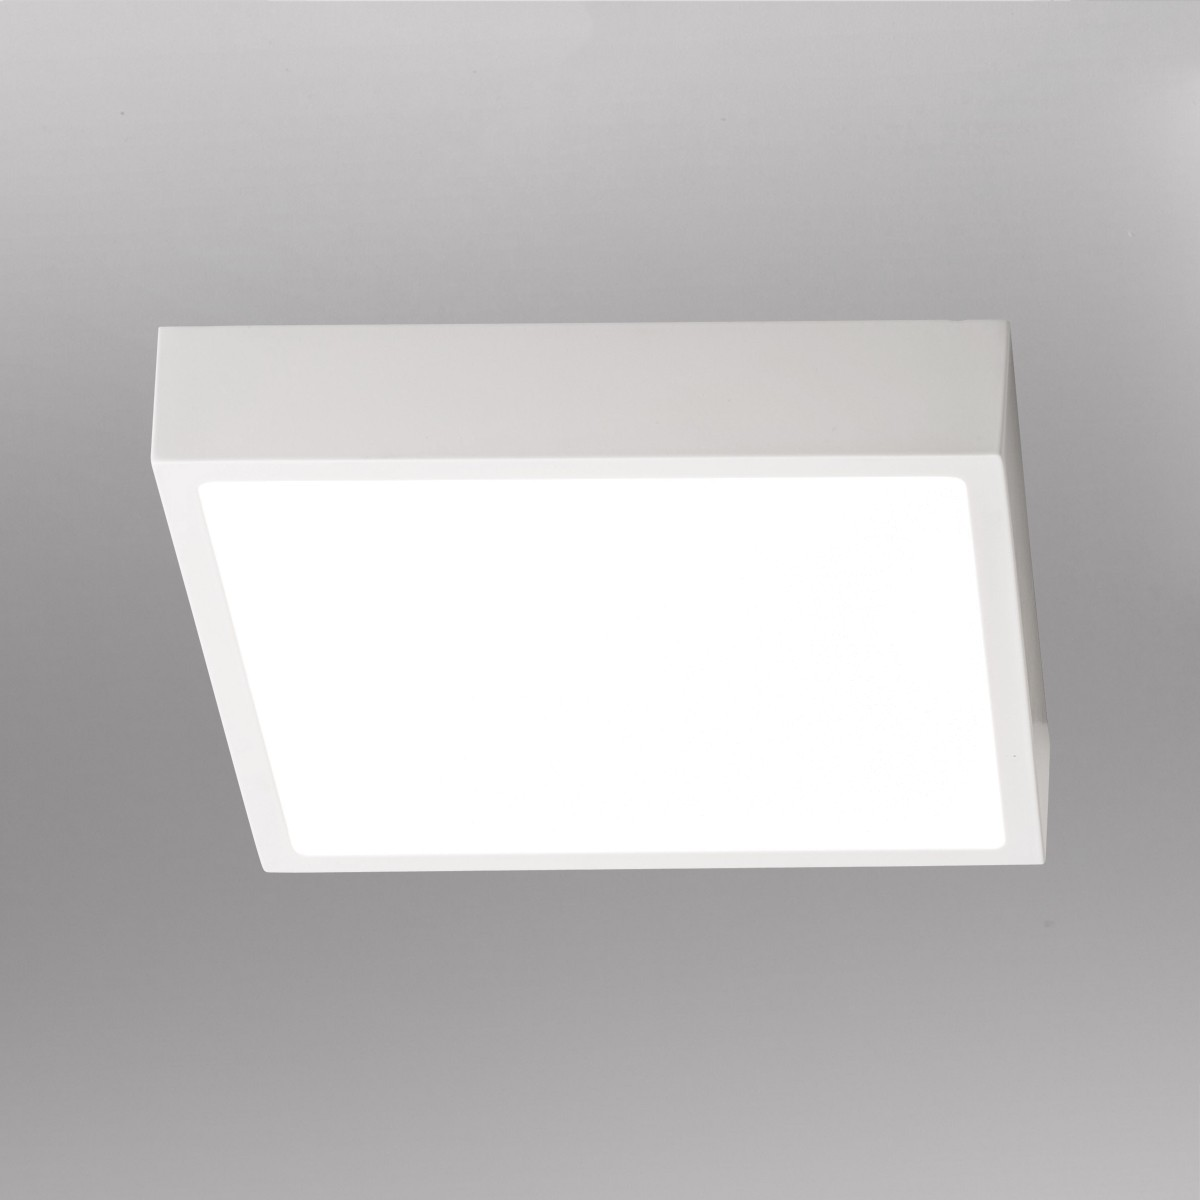 Lupia Licht Venox Deckenleuchte, 22,5 x 22,5 cm, weiß